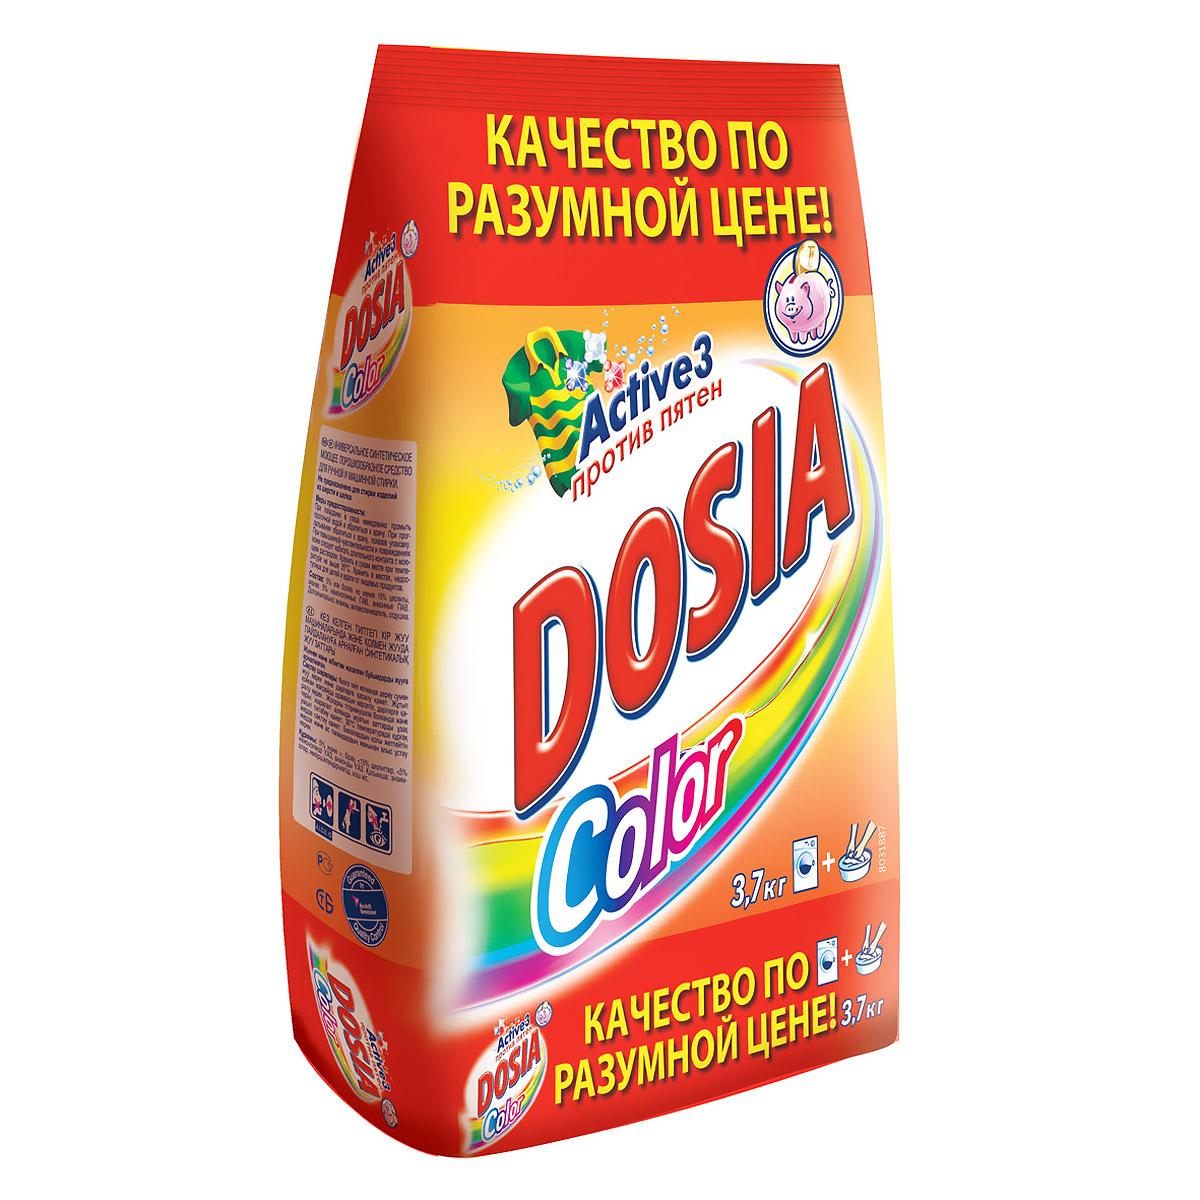 Стиральный порошок Dosia Color. Active 3, 3,7 кг стиральный порошок для ручной стирки пемос 350 г